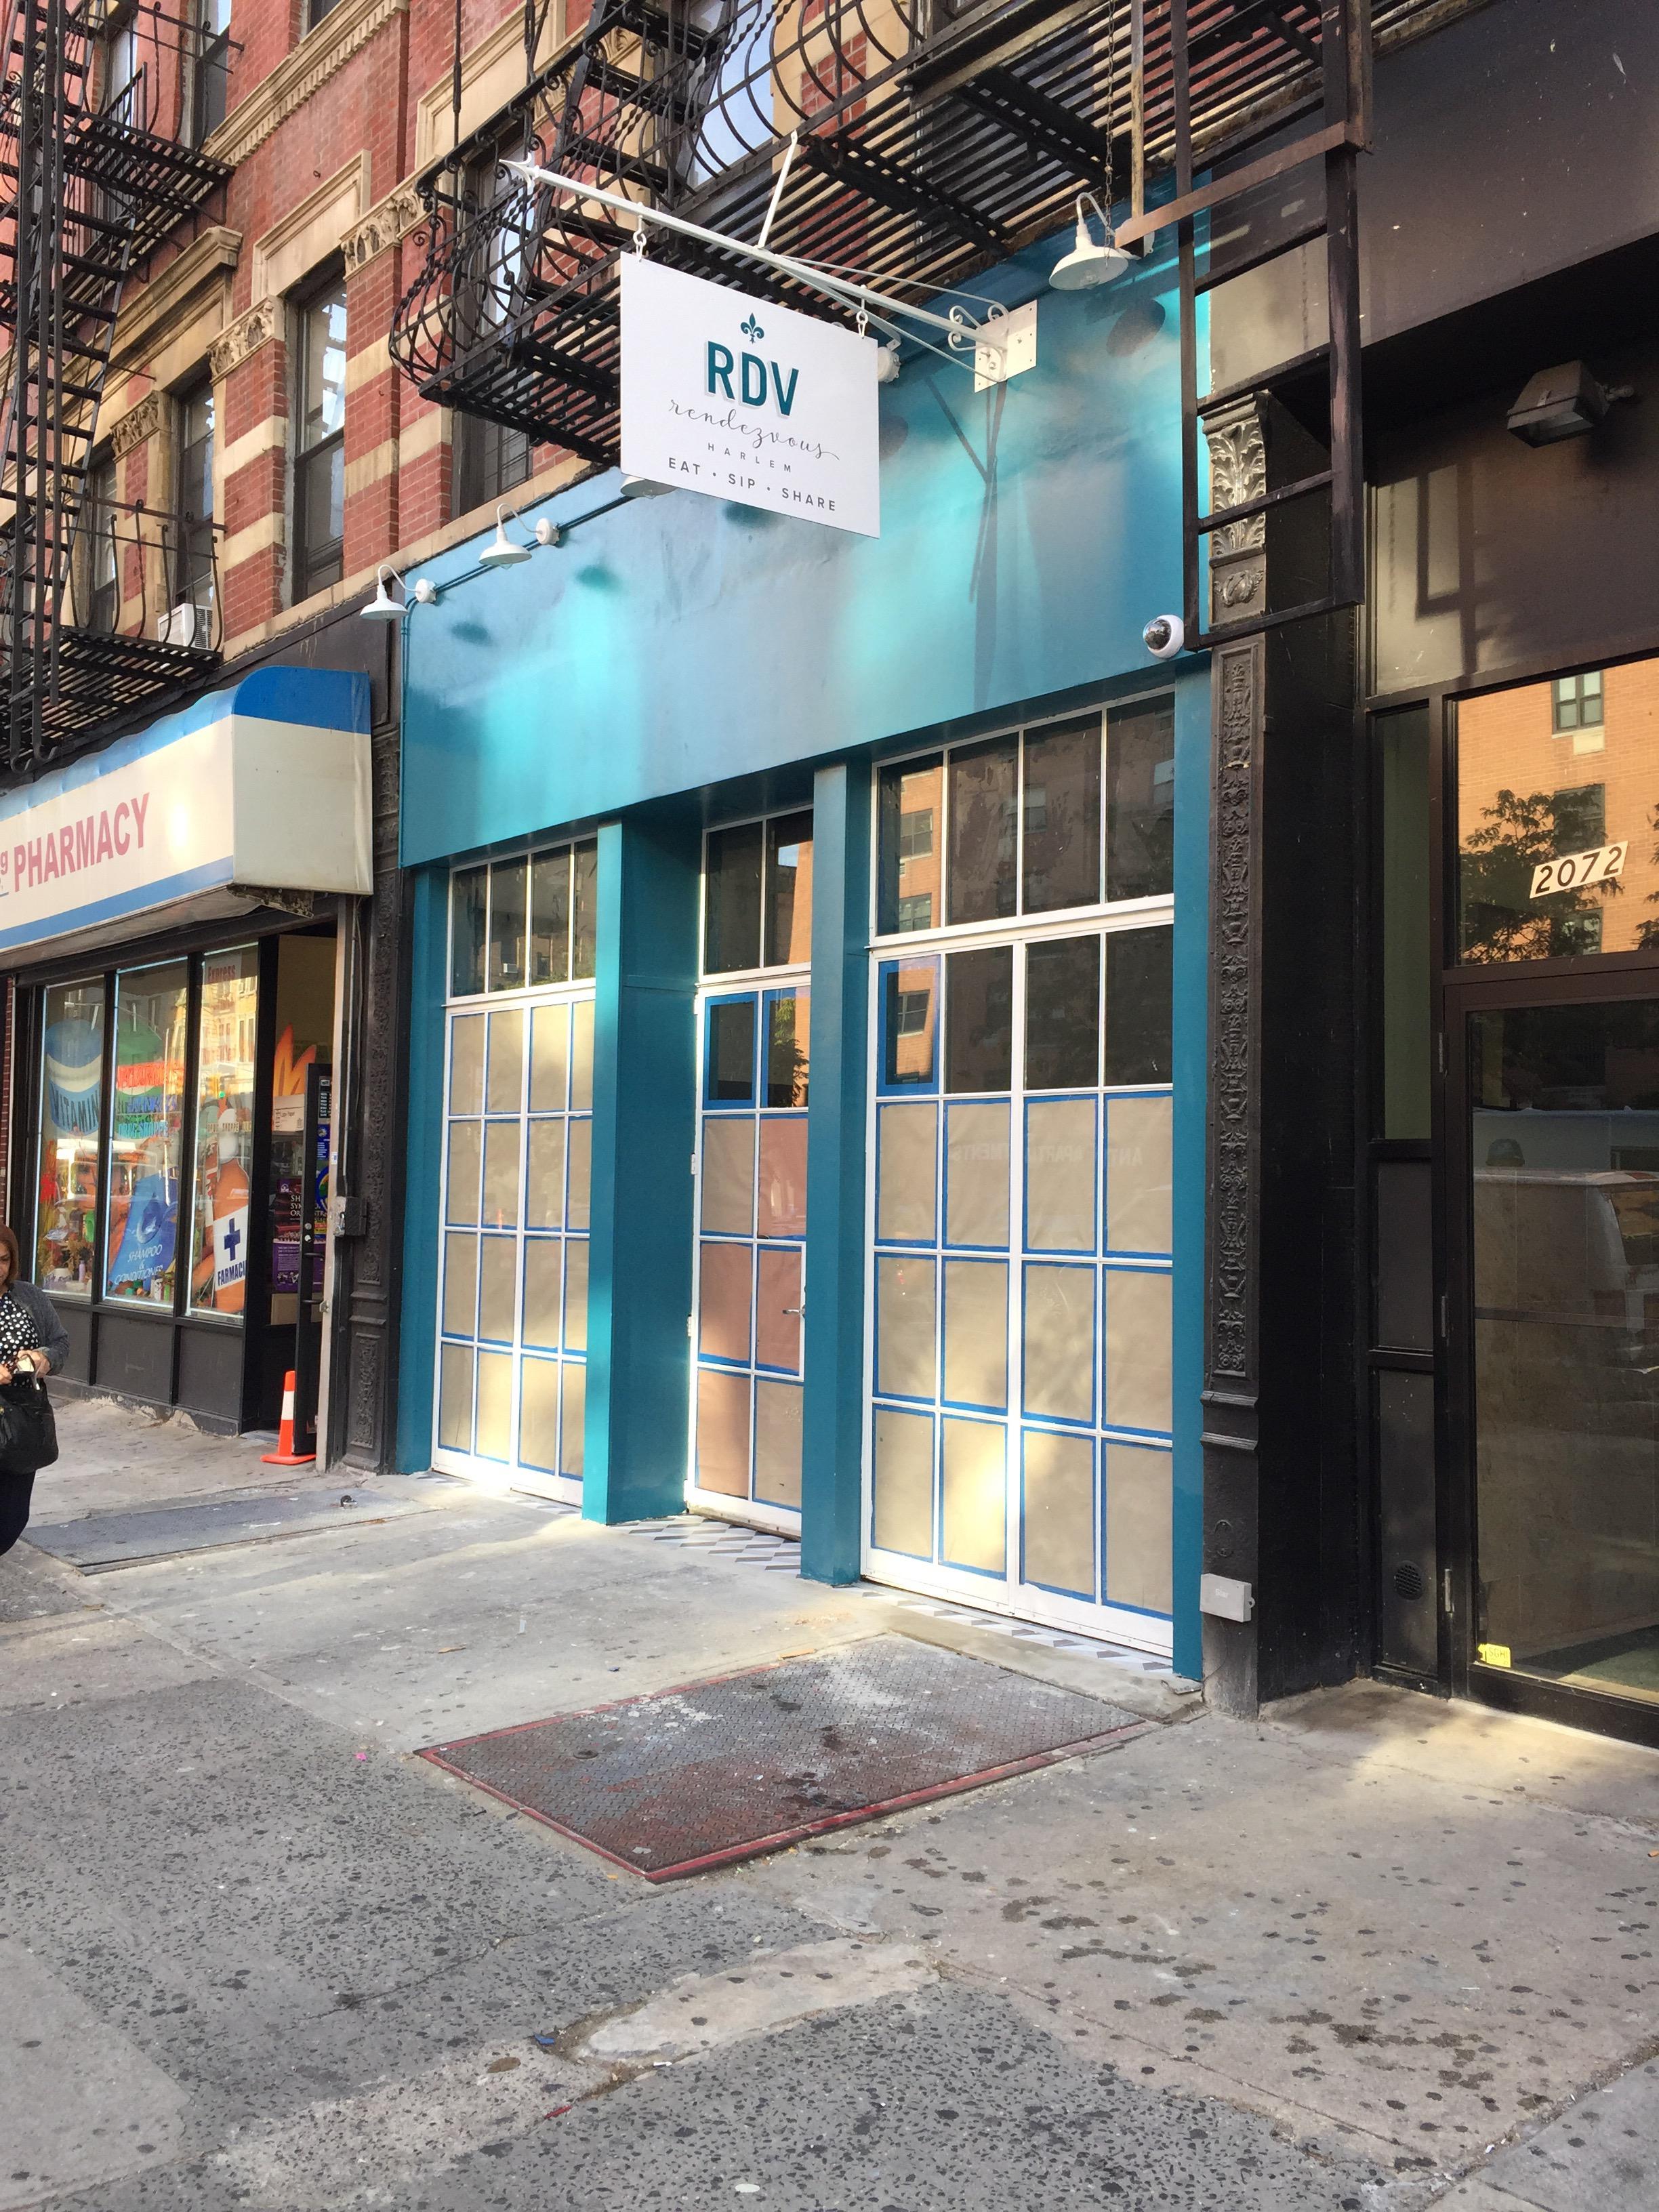 restaurants | HarlemGal Inc.